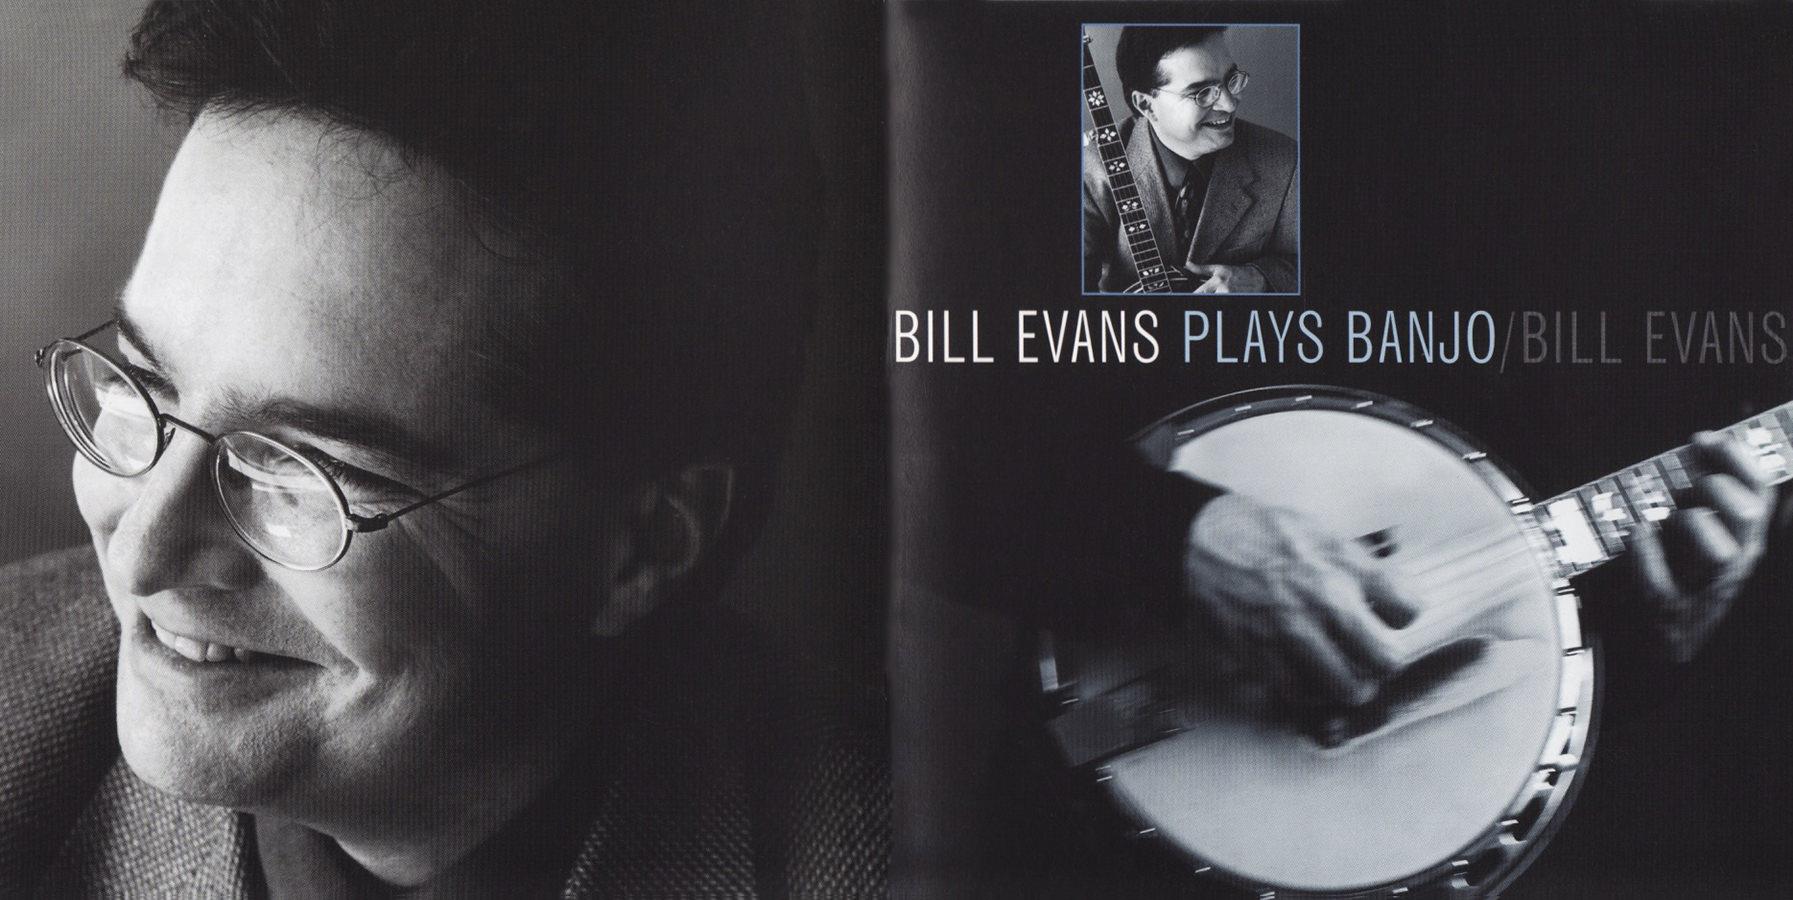 Bill Evans, Bill Evans Plays Banjo